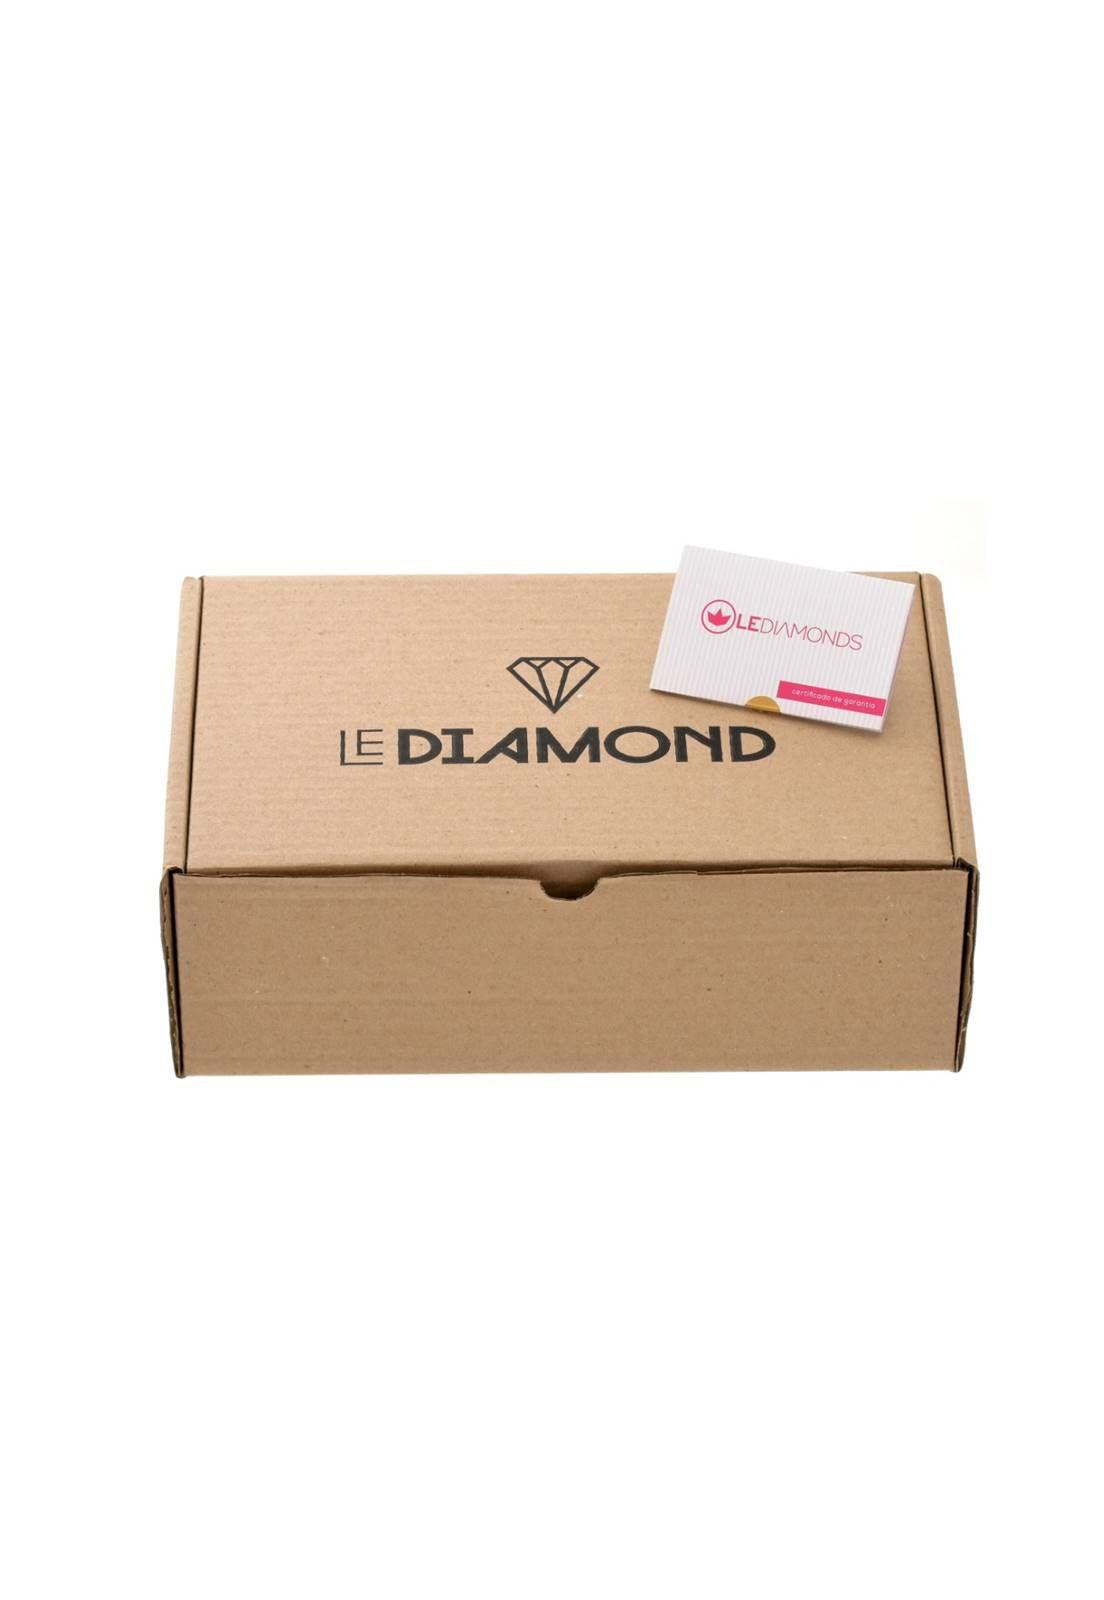 Colar Le Diamond Couro e Tassel Preto